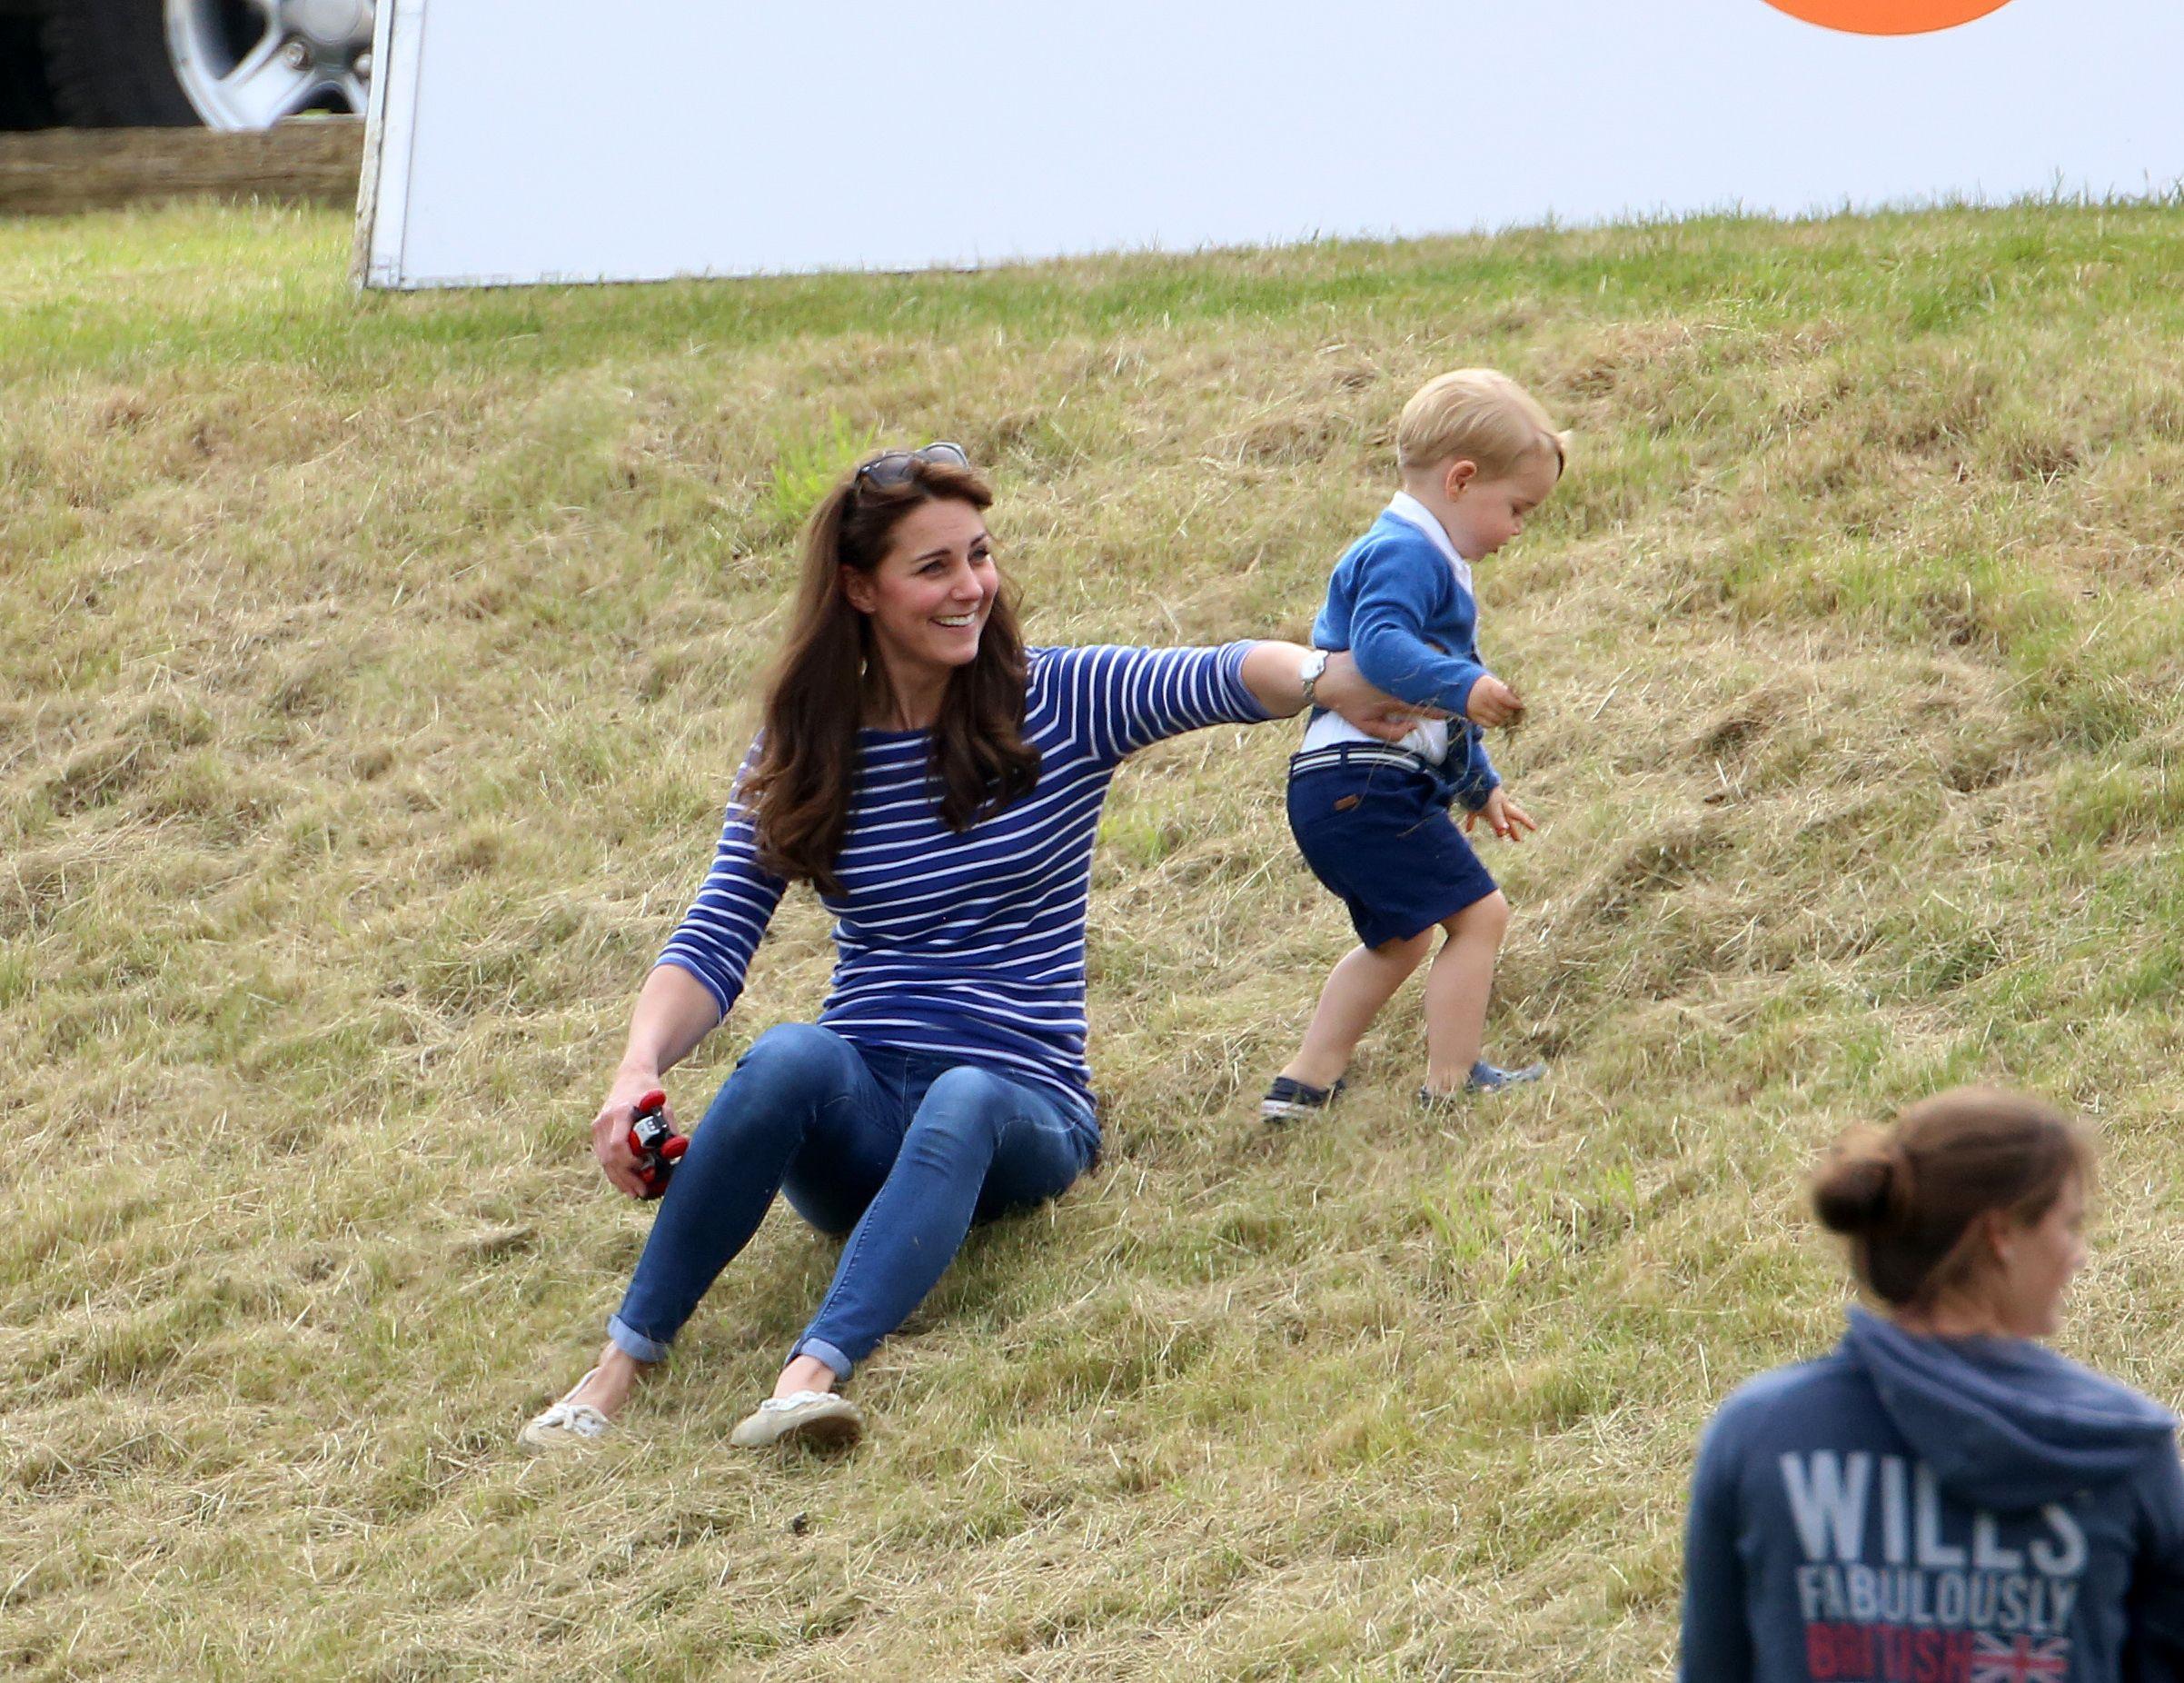 Neobičan odabir? Ovo su cipele koje Kate Middleton baš uvijek nosi sa sobom na putovanja!